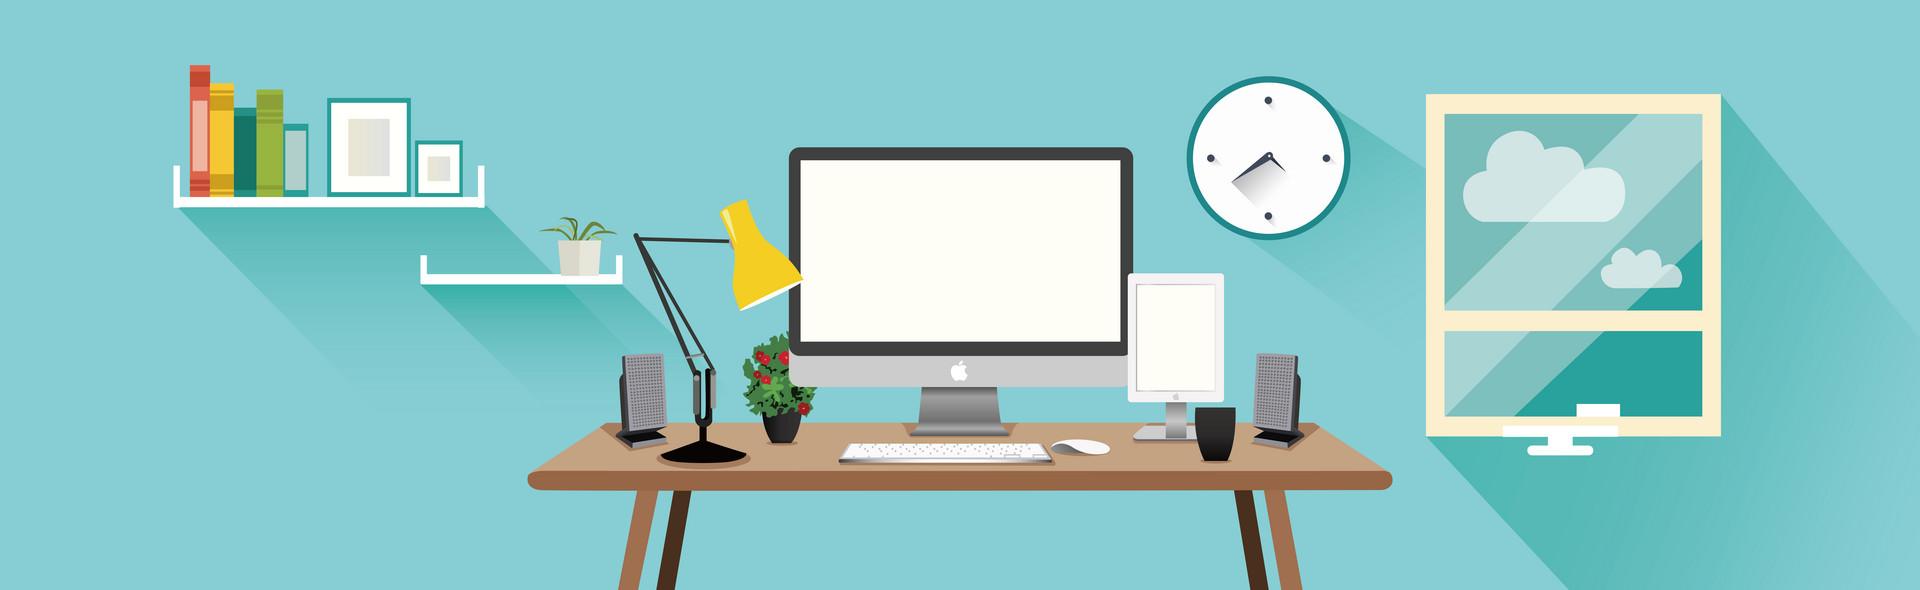 员工关系分析,员工关系分析具体方法,购物篮分析